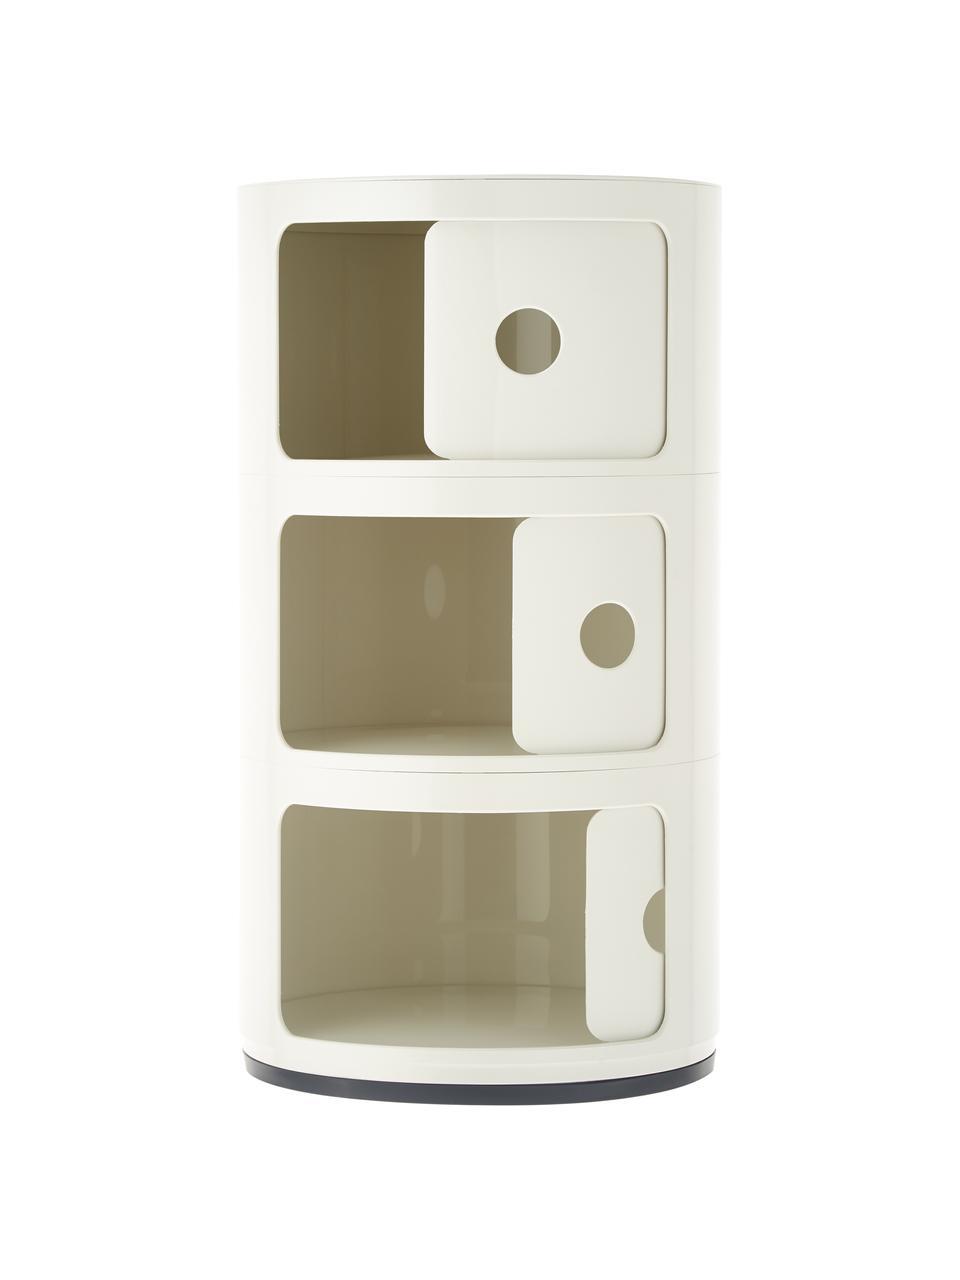 Stolik pomocniczy Componibile, Tworzywo sztuczne (ABS), lakierowane, Biały, Ø 32 x W 59 cm